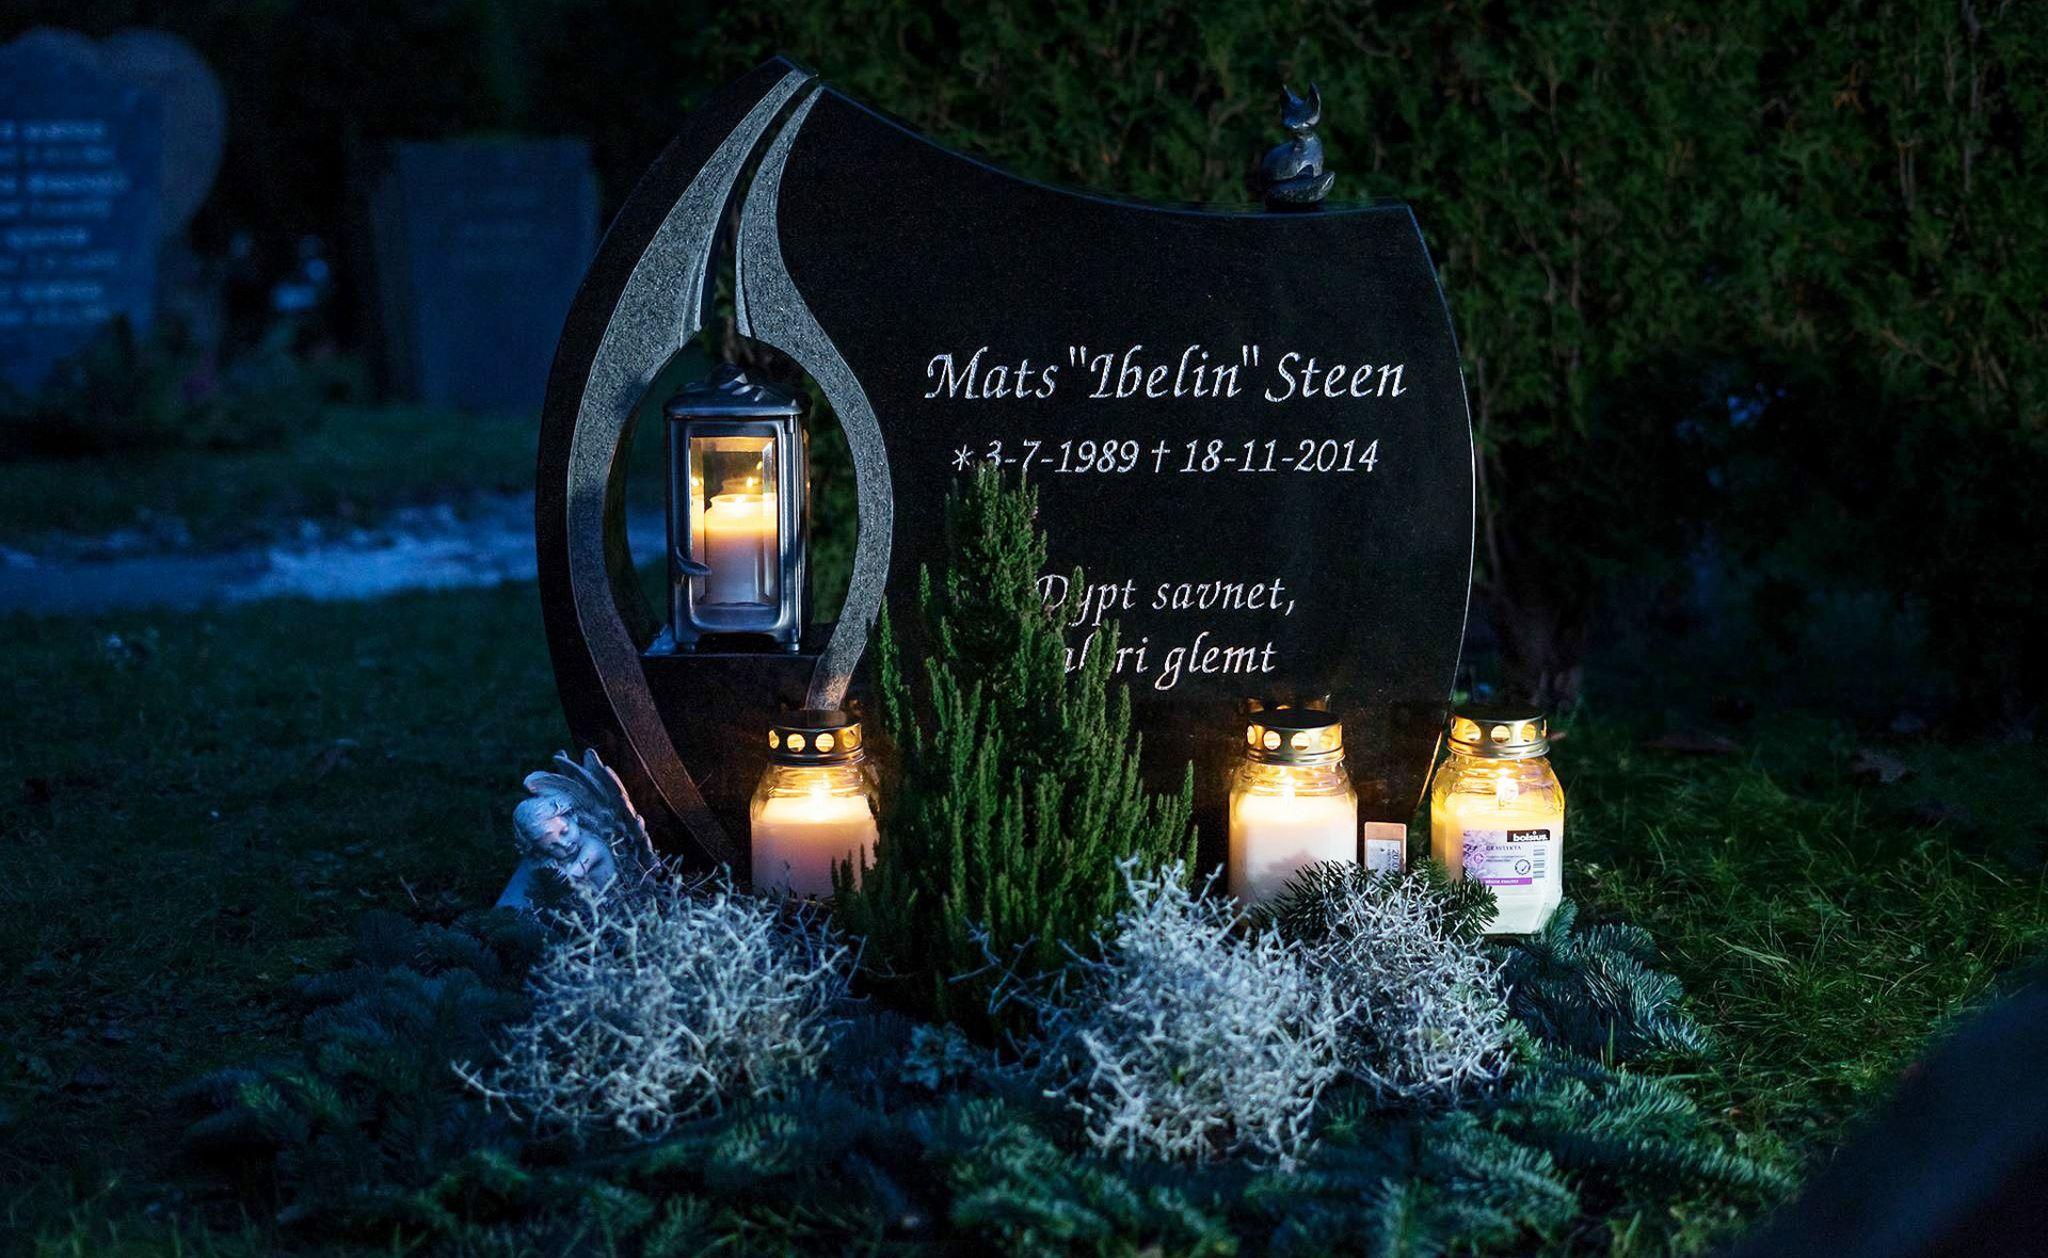 Mats 'Ibelin' Steen memorial